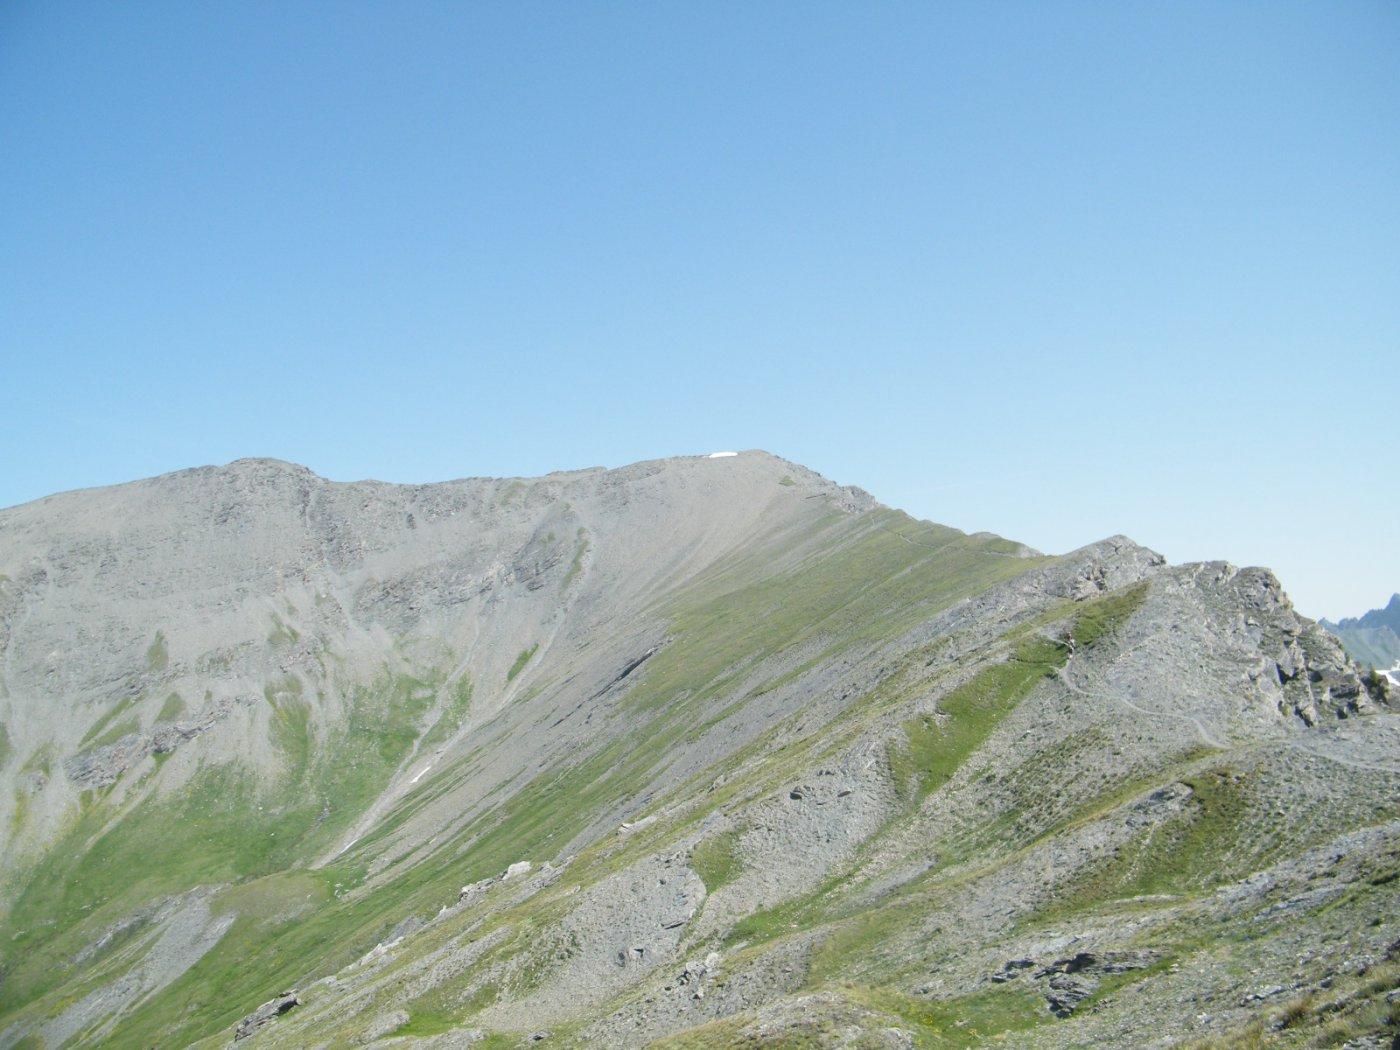 la punta 3 chiosis versante sud